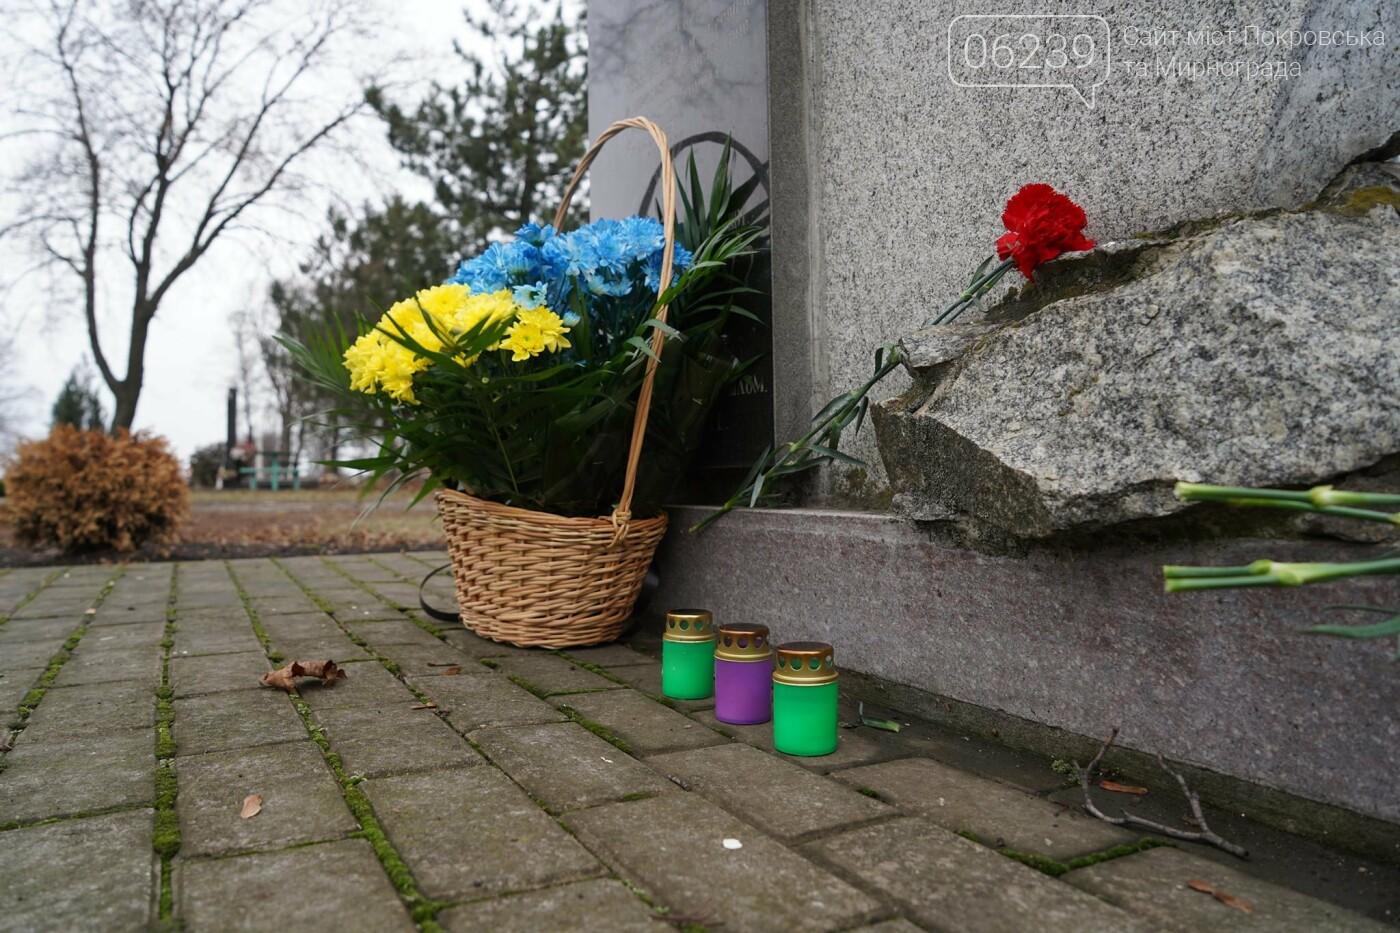 Покровчани вшанували пам'ять жертв Голокосту, фото-4